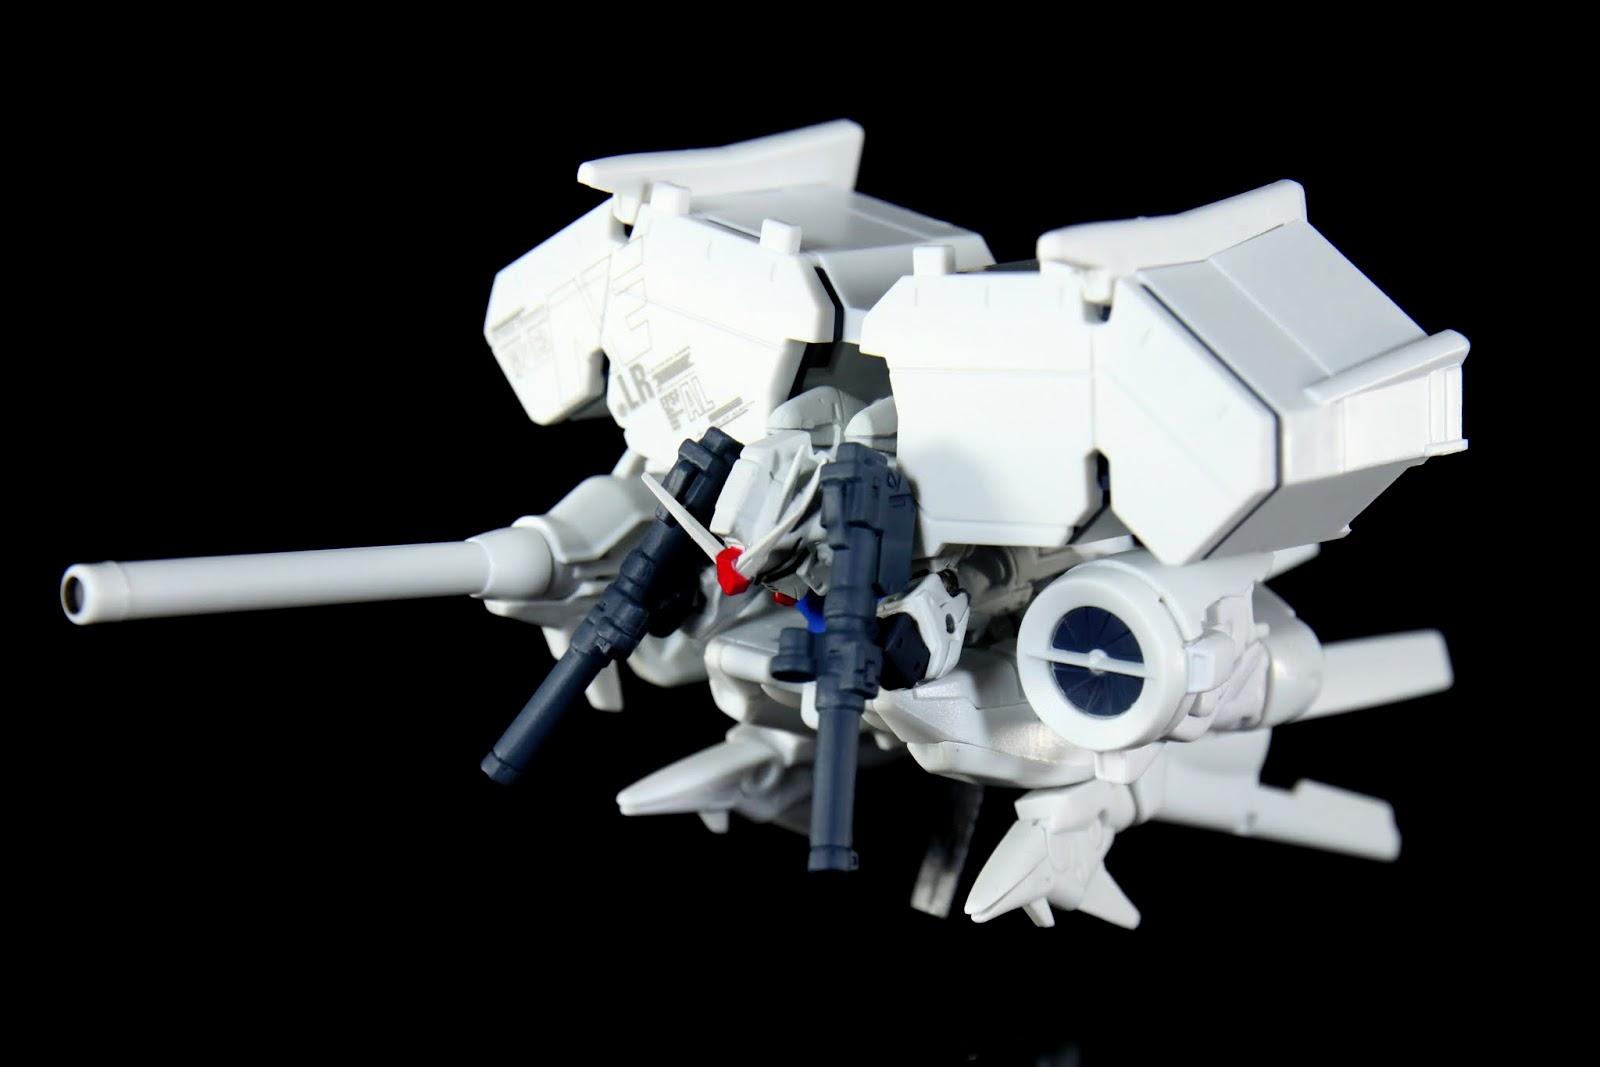 Dendrobium的著裝型態,這才是GP03的完全樣貌